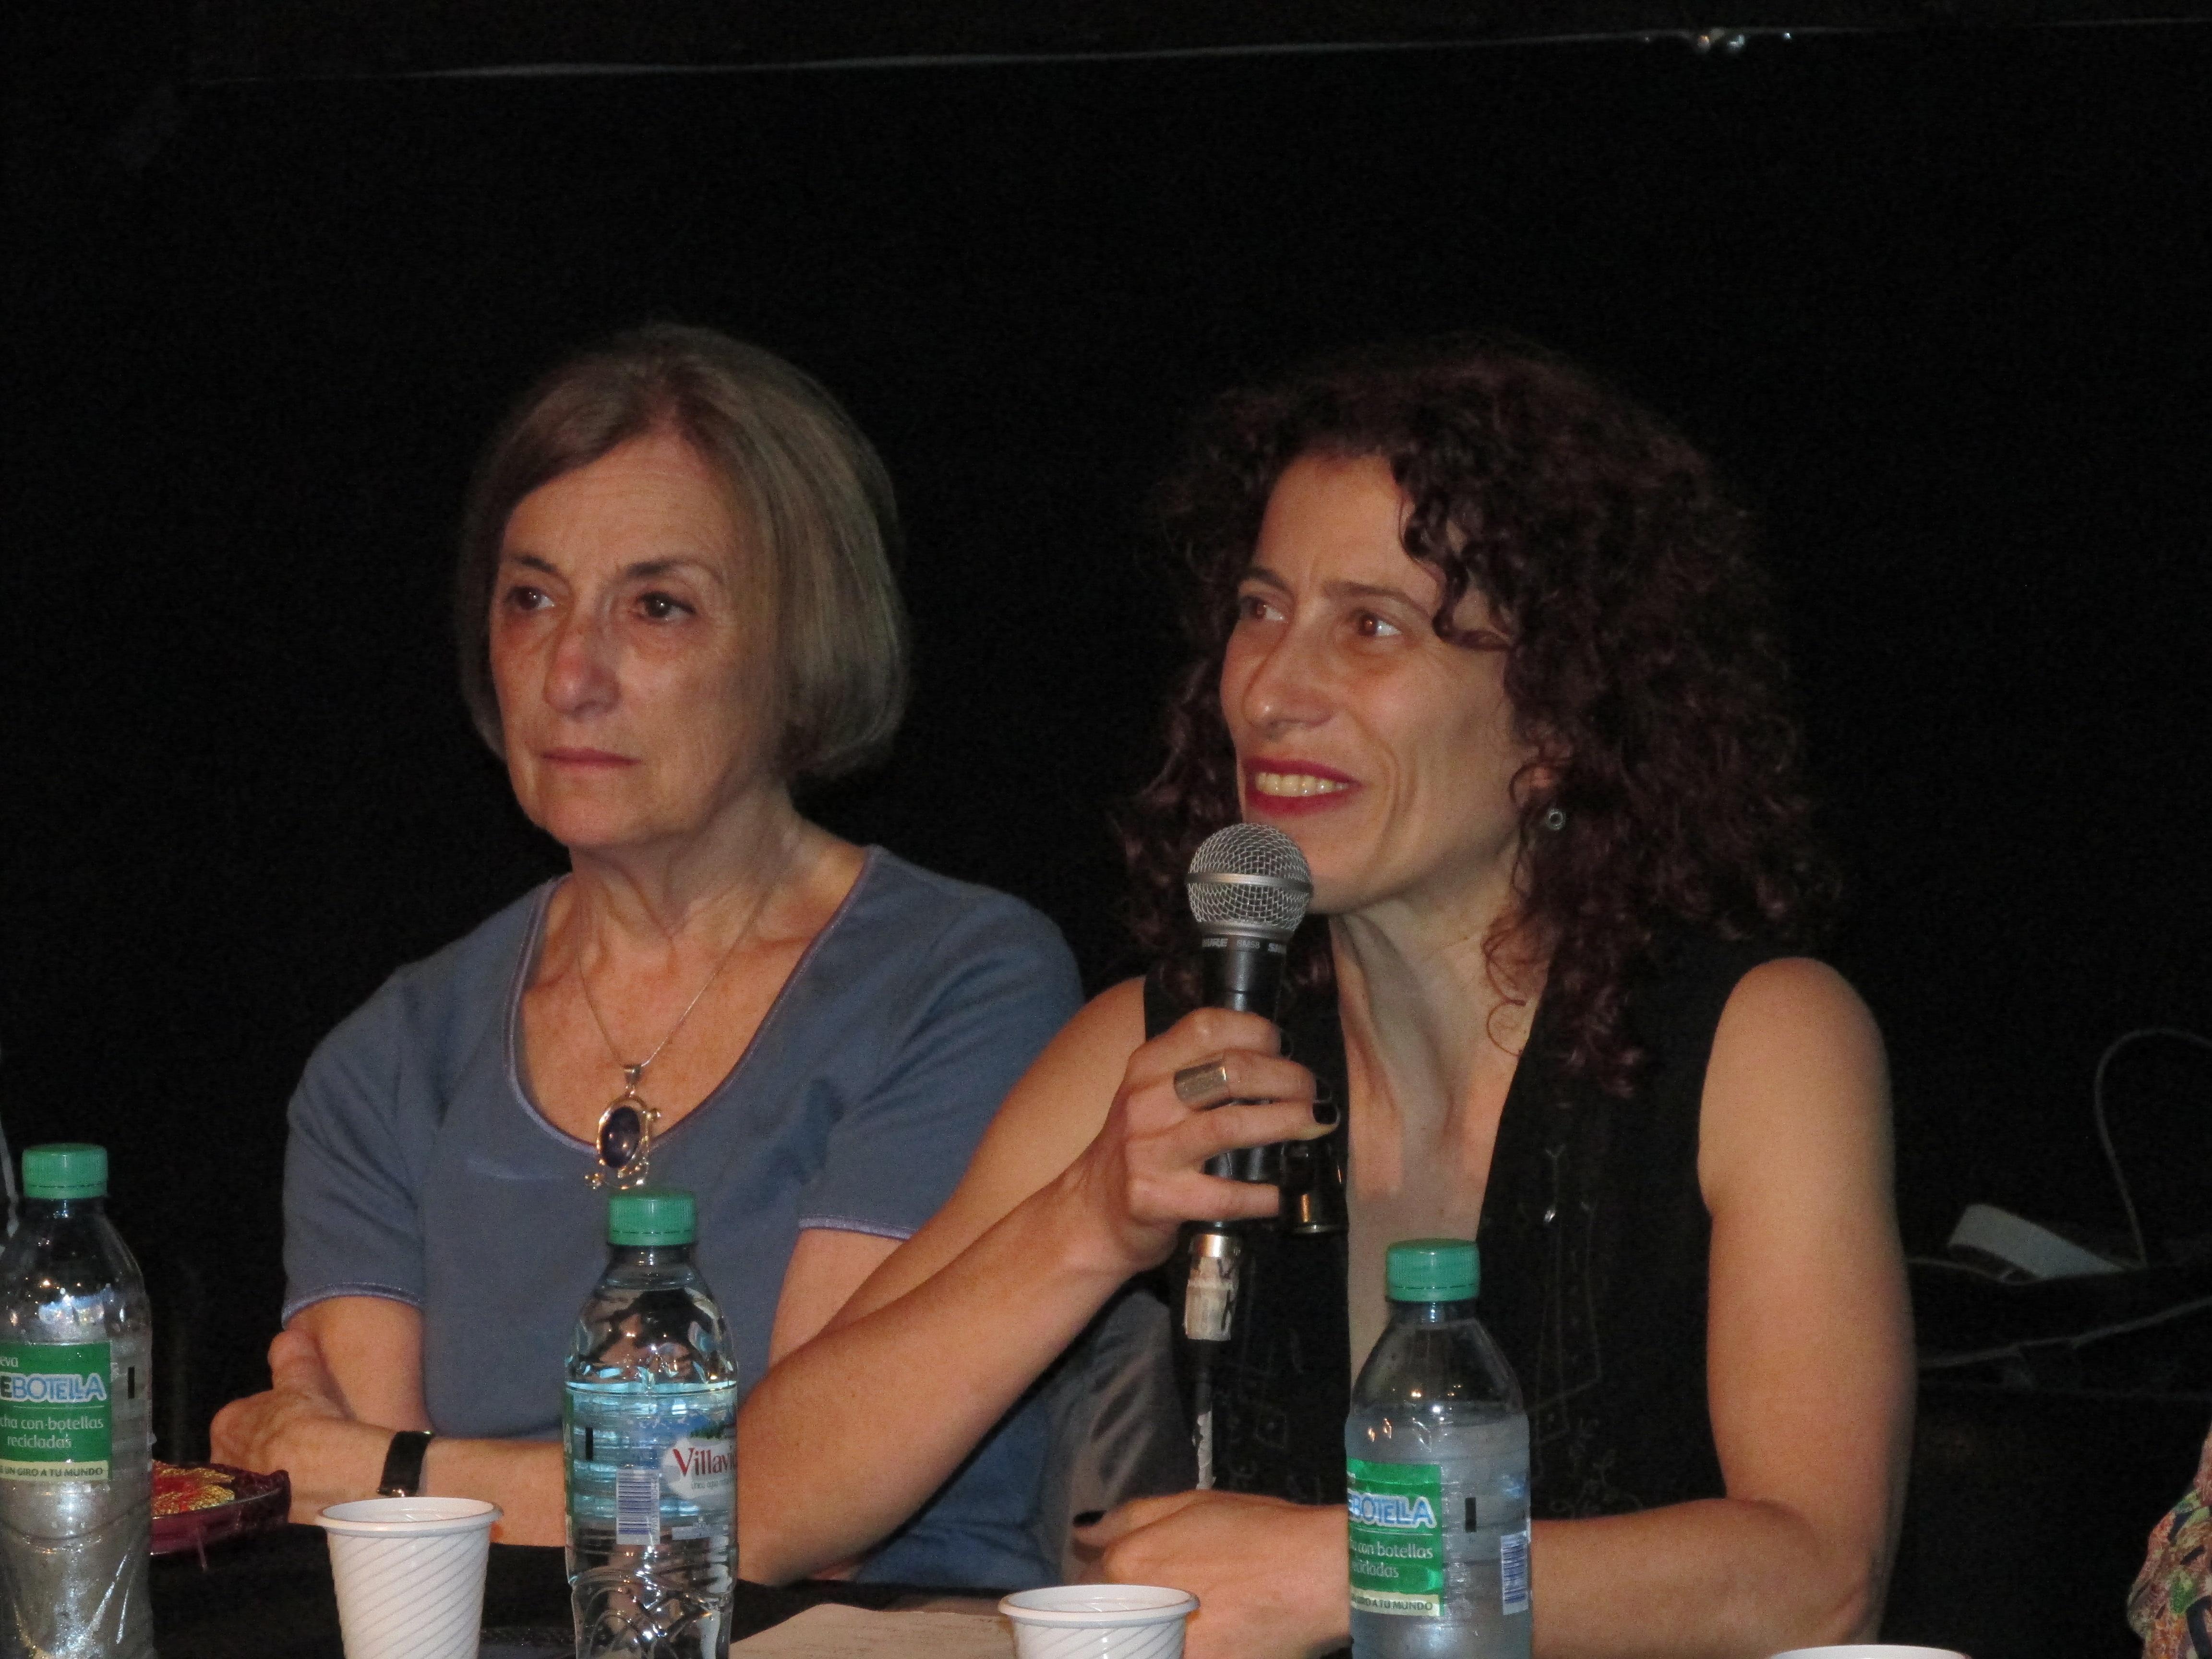 Valeria Kovadloff y Ana Kamien en la presentación de las herramientas. Foto: L. Chertkoff.